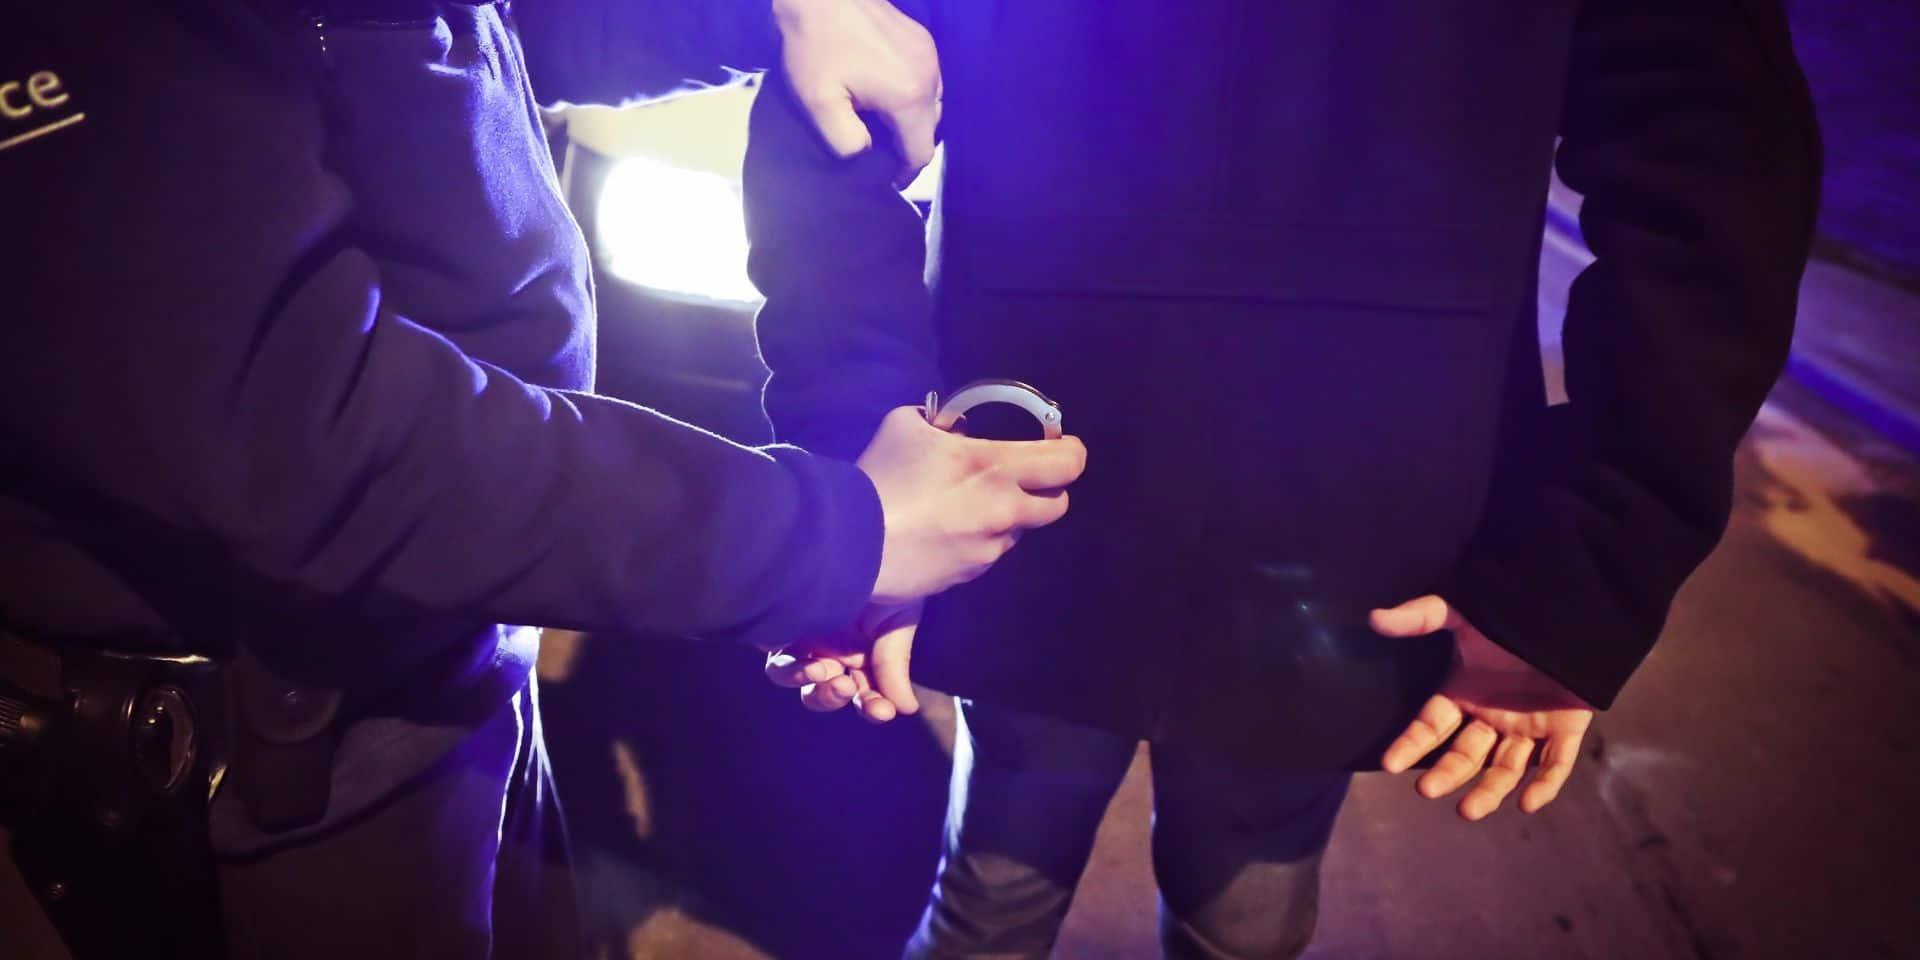 Jemappes : Intervention d'une unité spéciale pour un homme menaçant sabre à la main